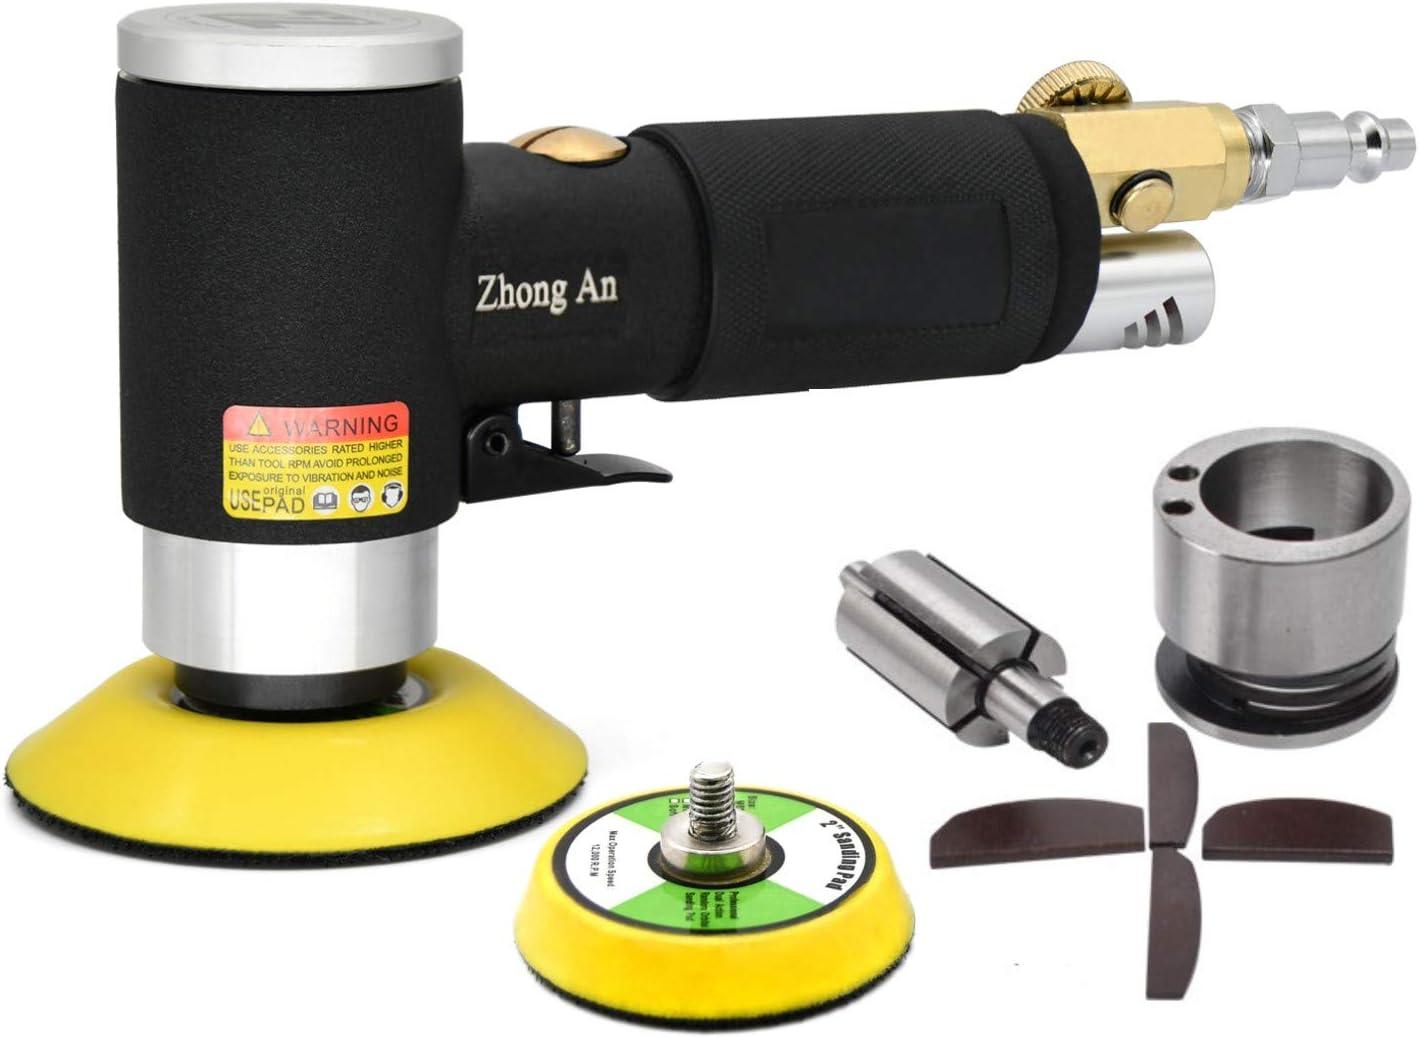 Pulidor neumático de la lijadora mini excéntrica Negro más nuevo, alta velocidad 12,000 RPM, máquina de pulir con almohadillas de lijado de 50 mm y 75 mm